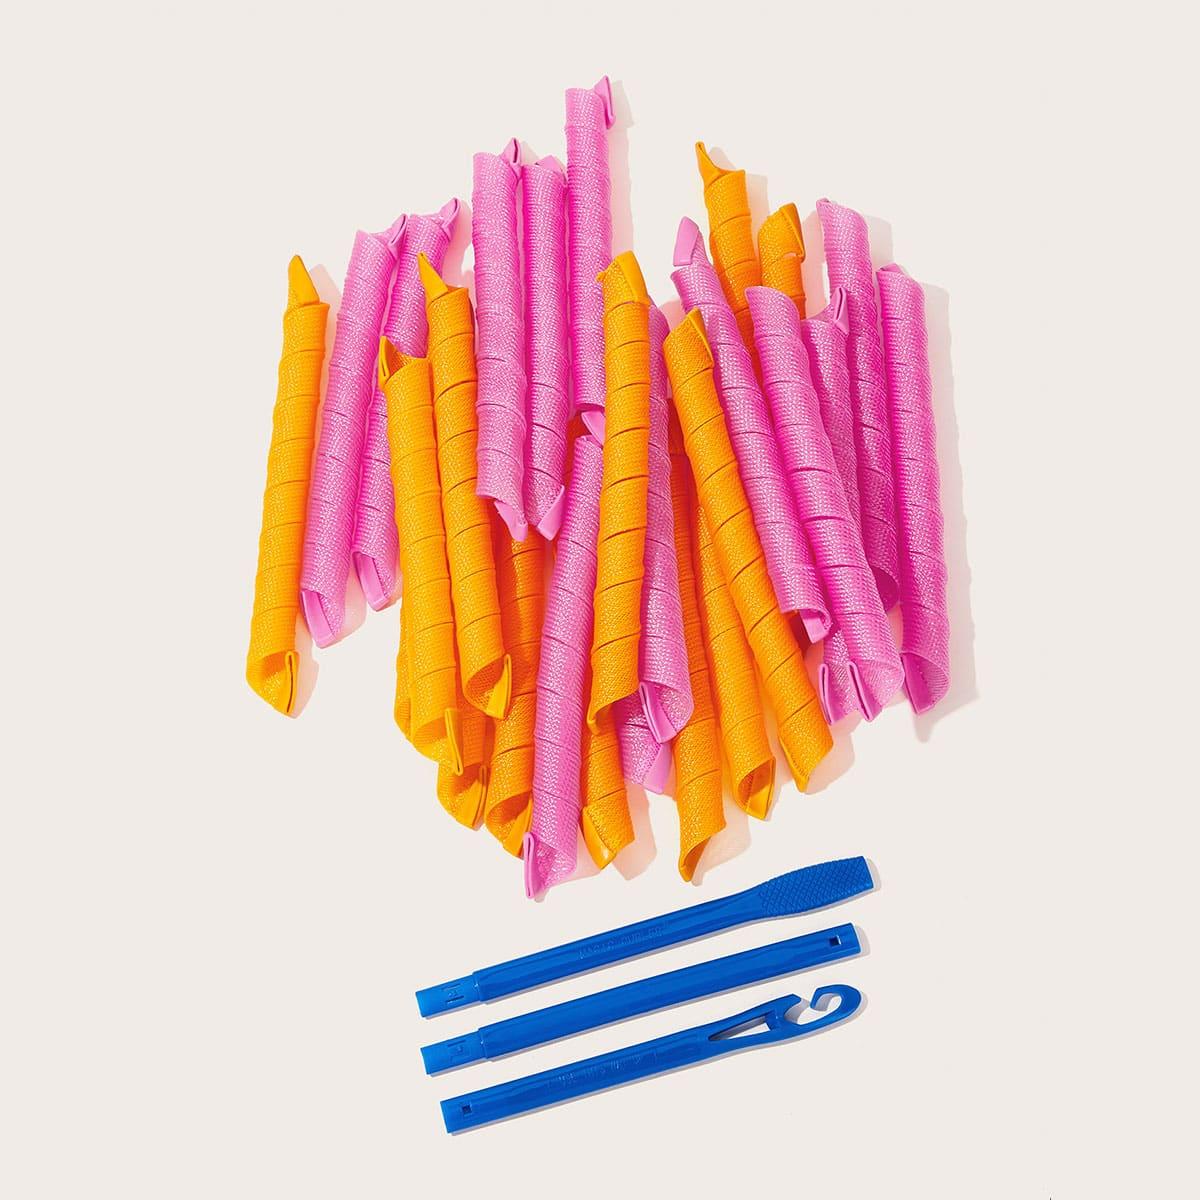 Разноцветные Бигуди 26 шт